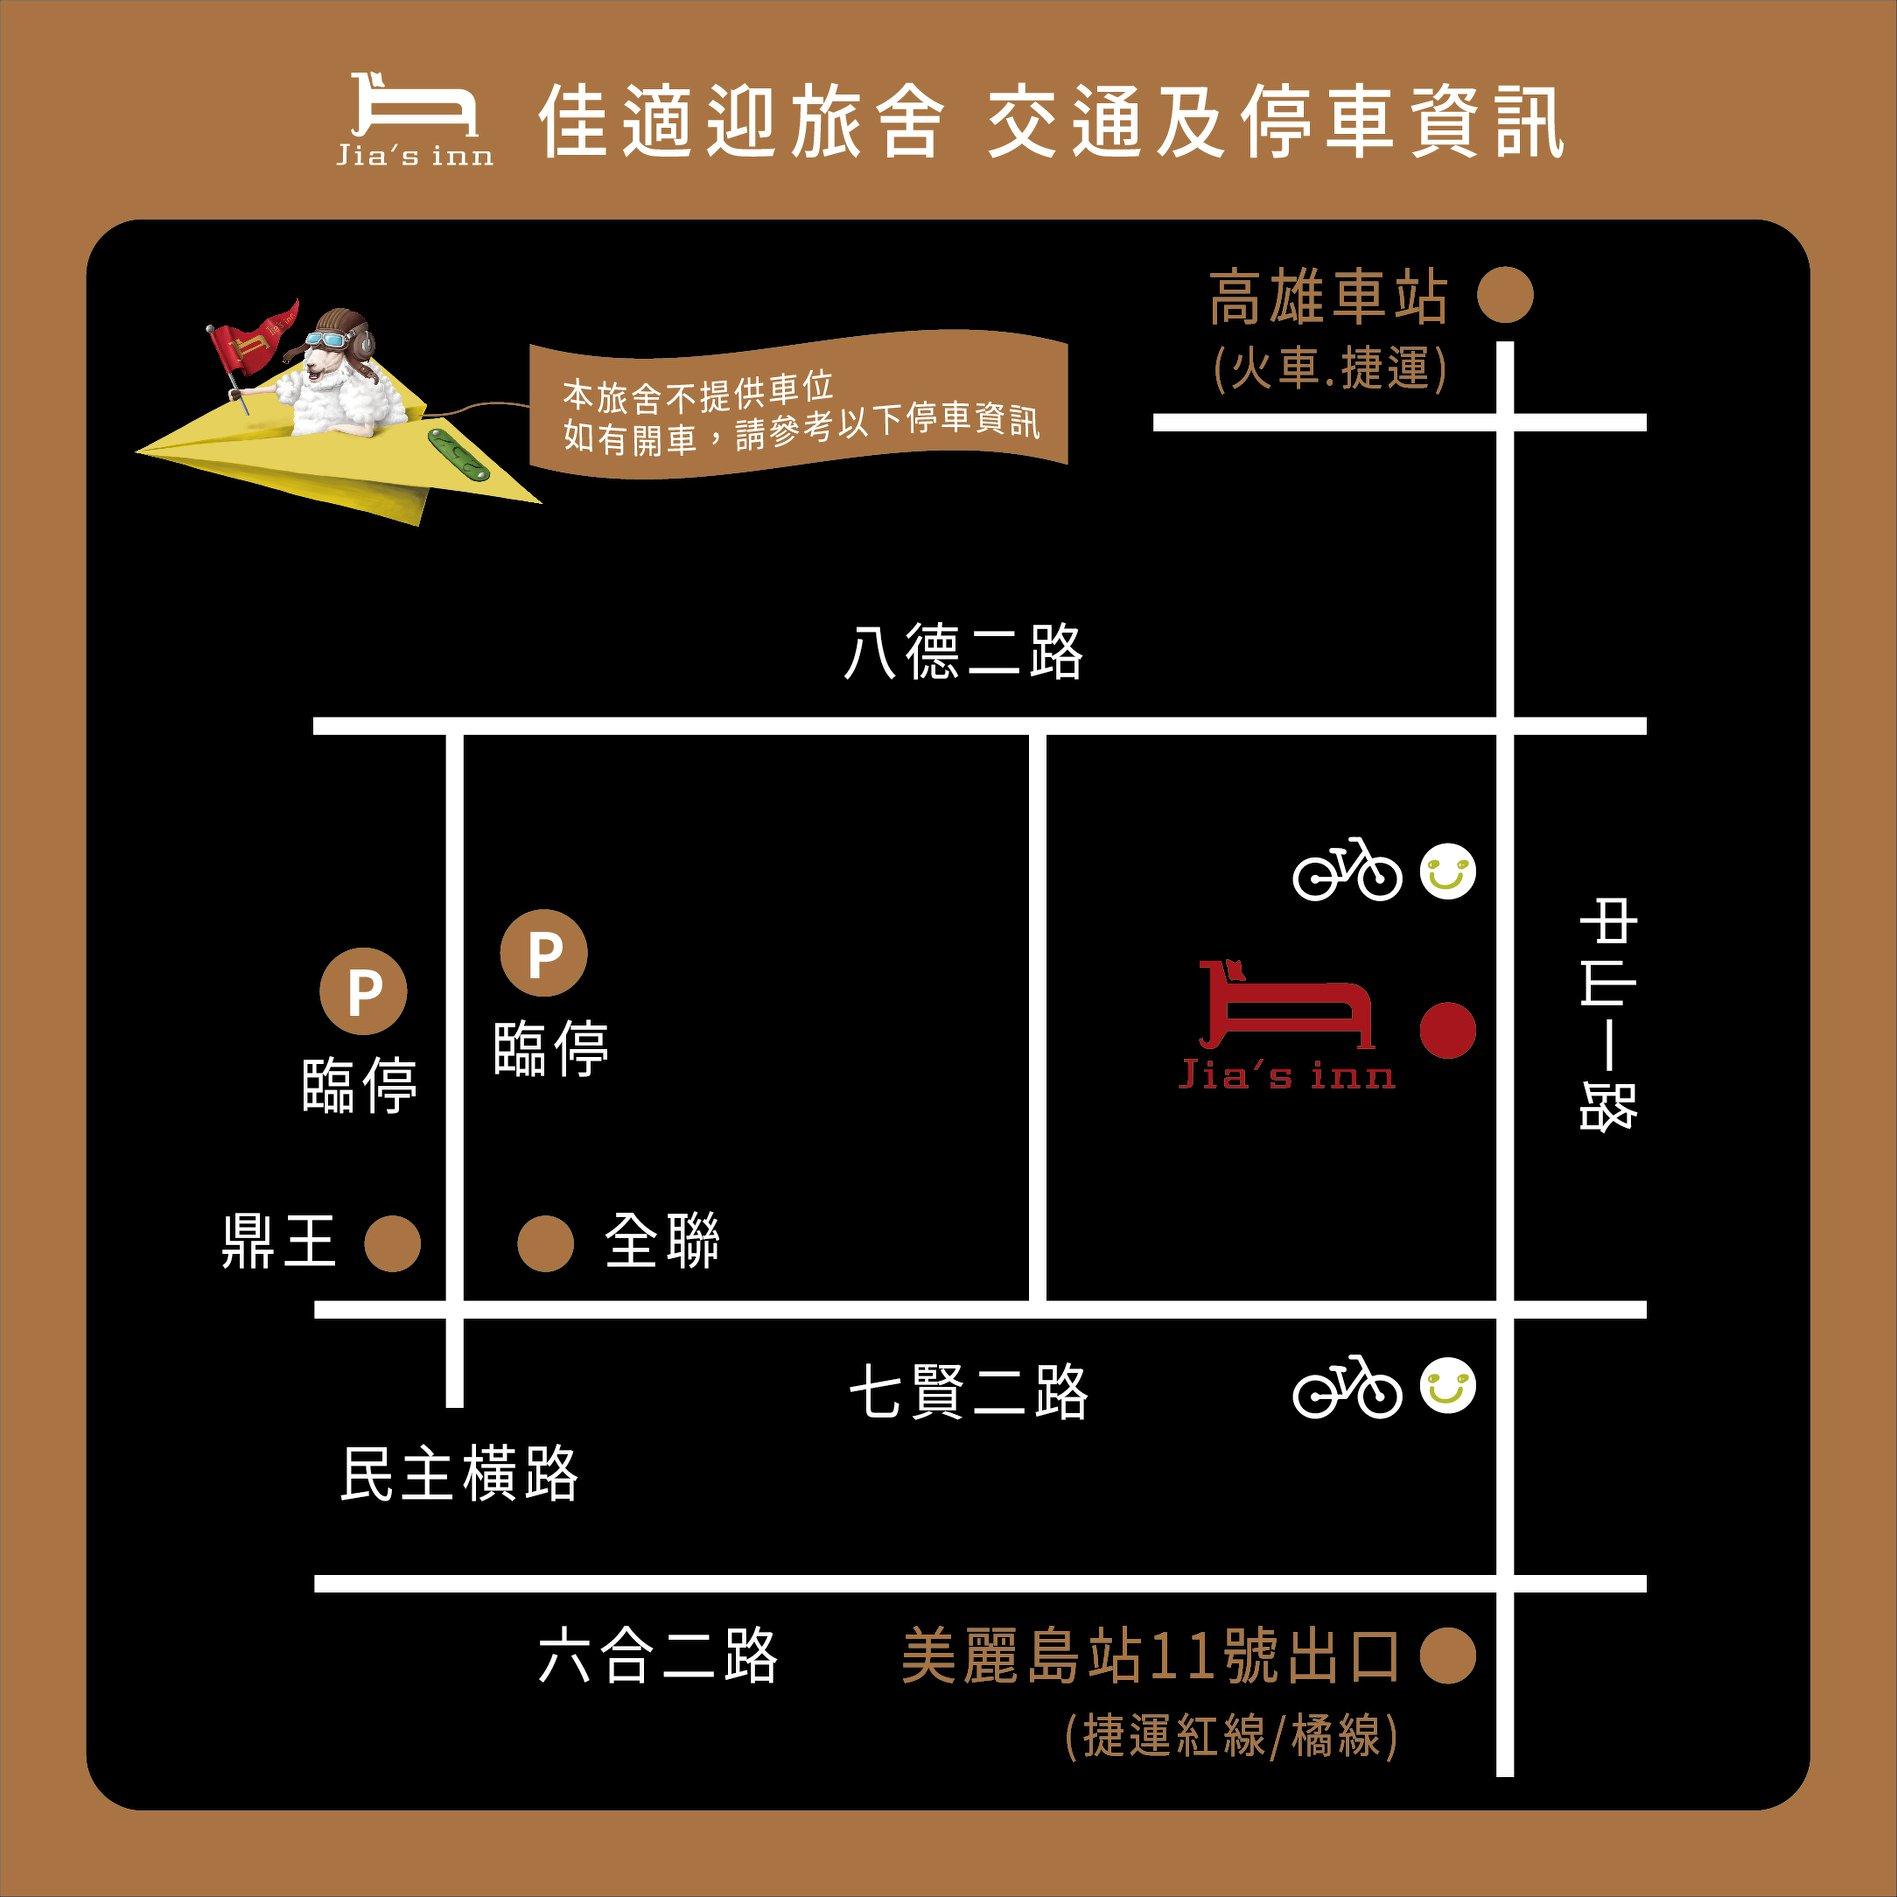 高雄新開幕飯店》佳適旅舍 高雄站前館 Jia's Inn,新穎平價新選擇,高雄輕鬆玩住宿新選擇! @緹雅瑪 美食旅遊趣